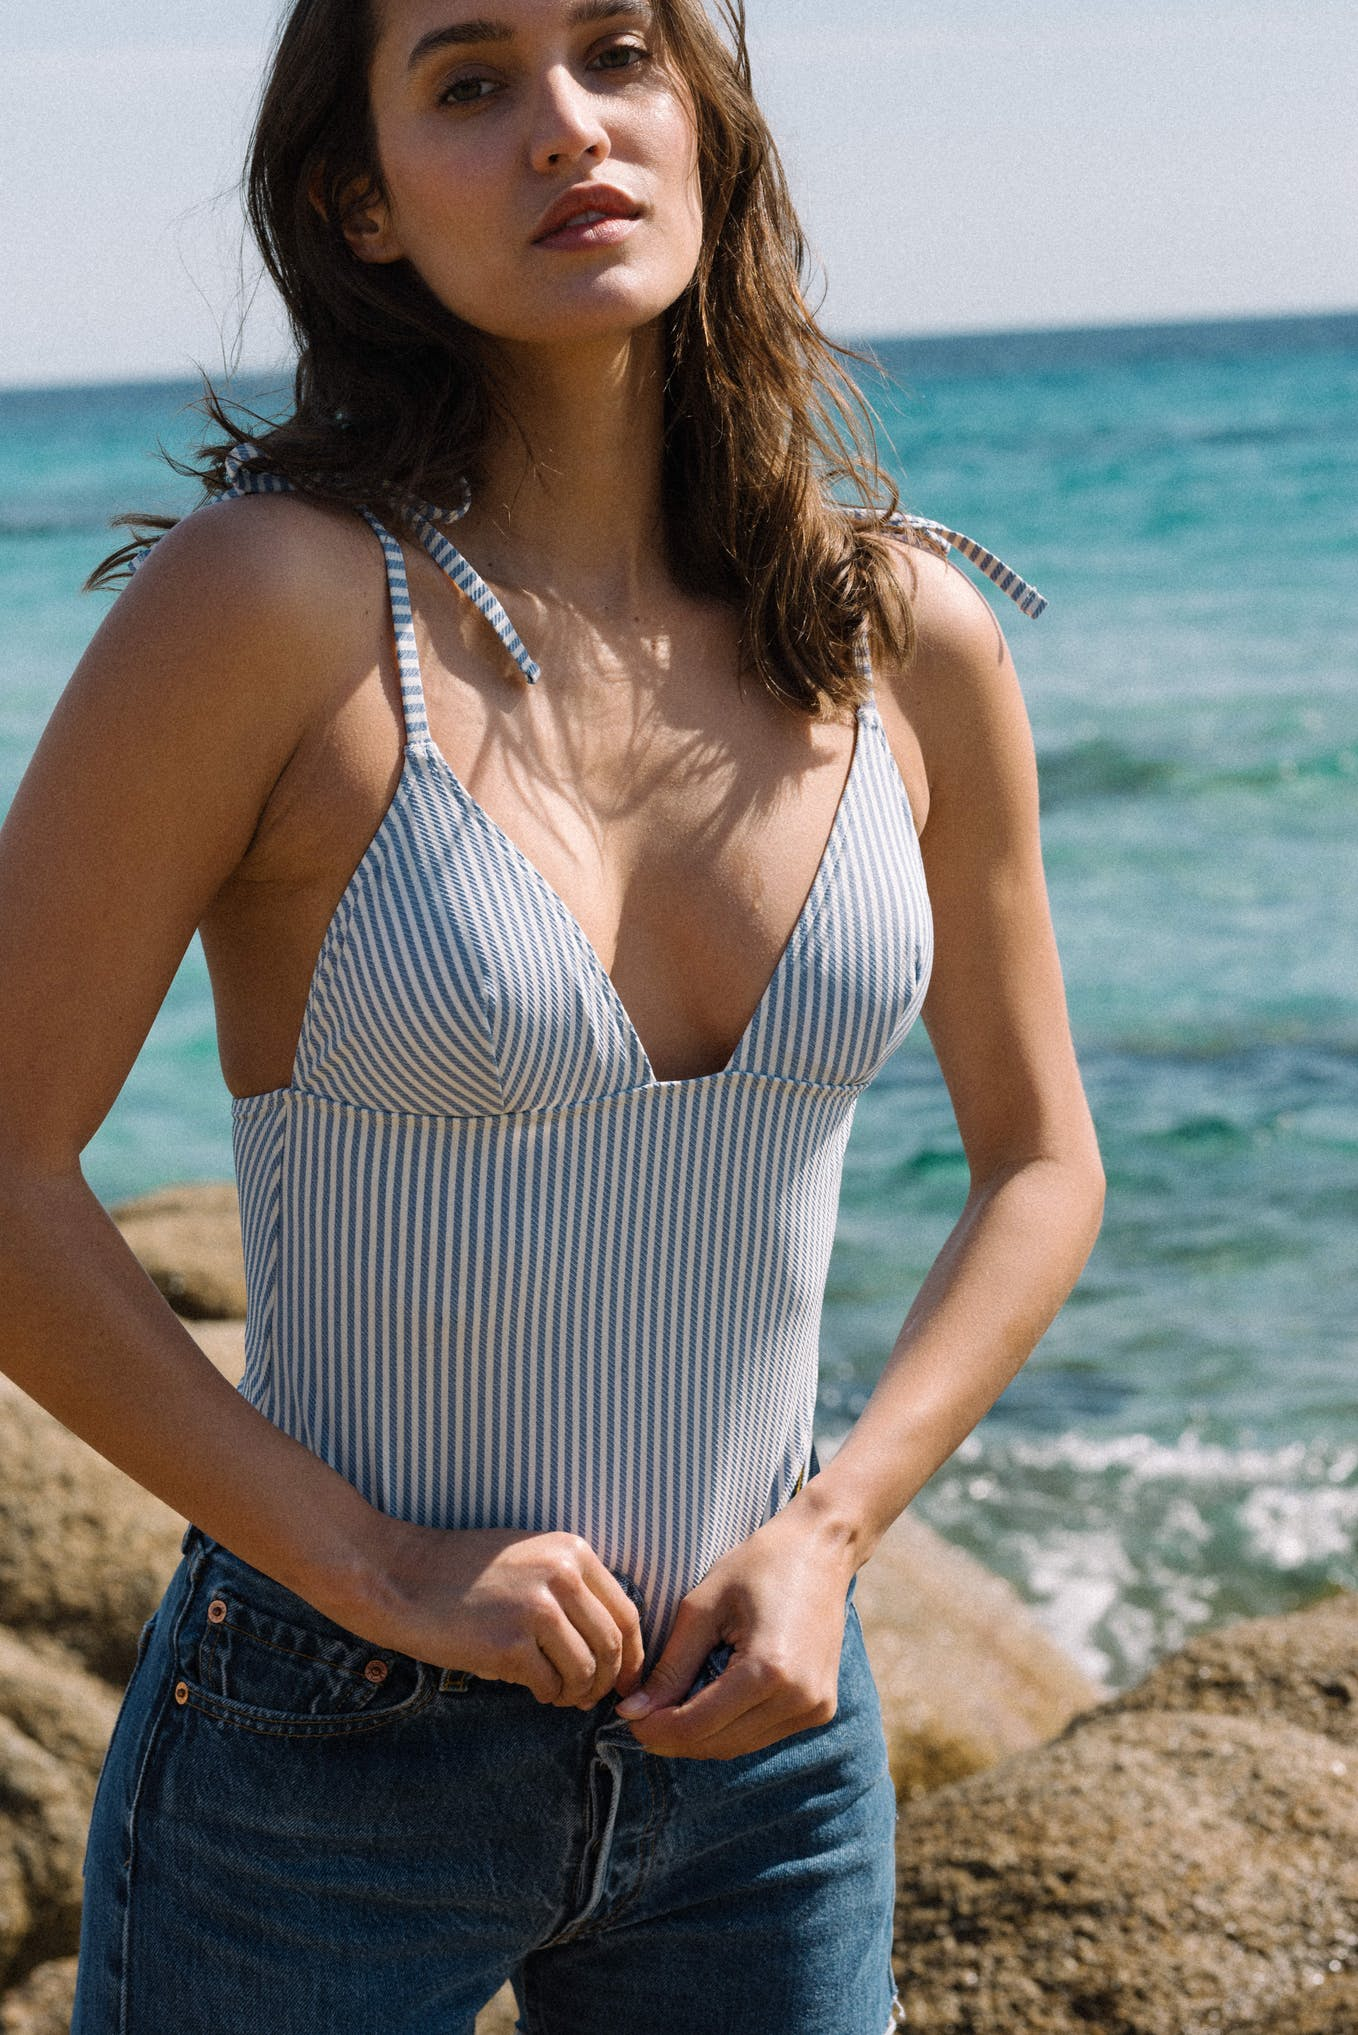 Swimsuit Soleil sur l'eau in denim stripes